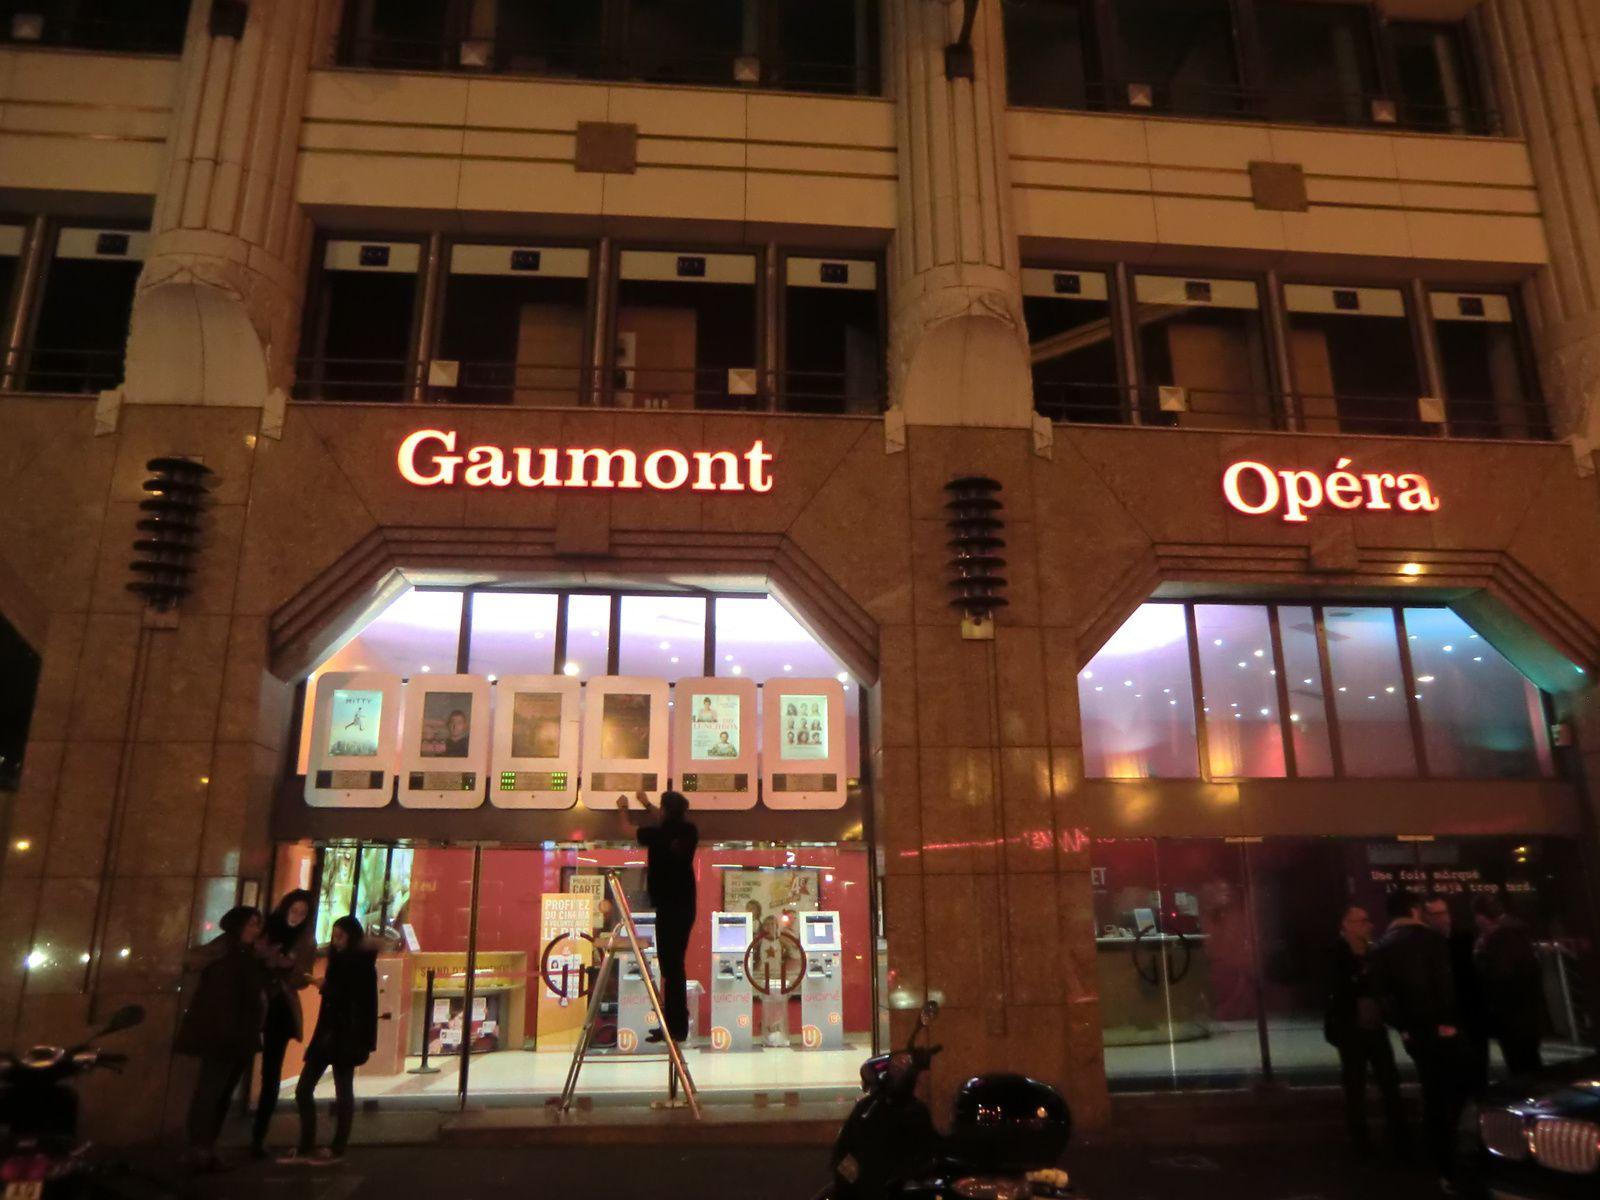 Le cinéma Gaumont Opéra Premier dans le 2ème arrondissemnt de Paris. Les deux autres cinéma Gaumont Opéra, Capucines et Français qui se trouvent en face se situent dans le 9ème arrondissement.